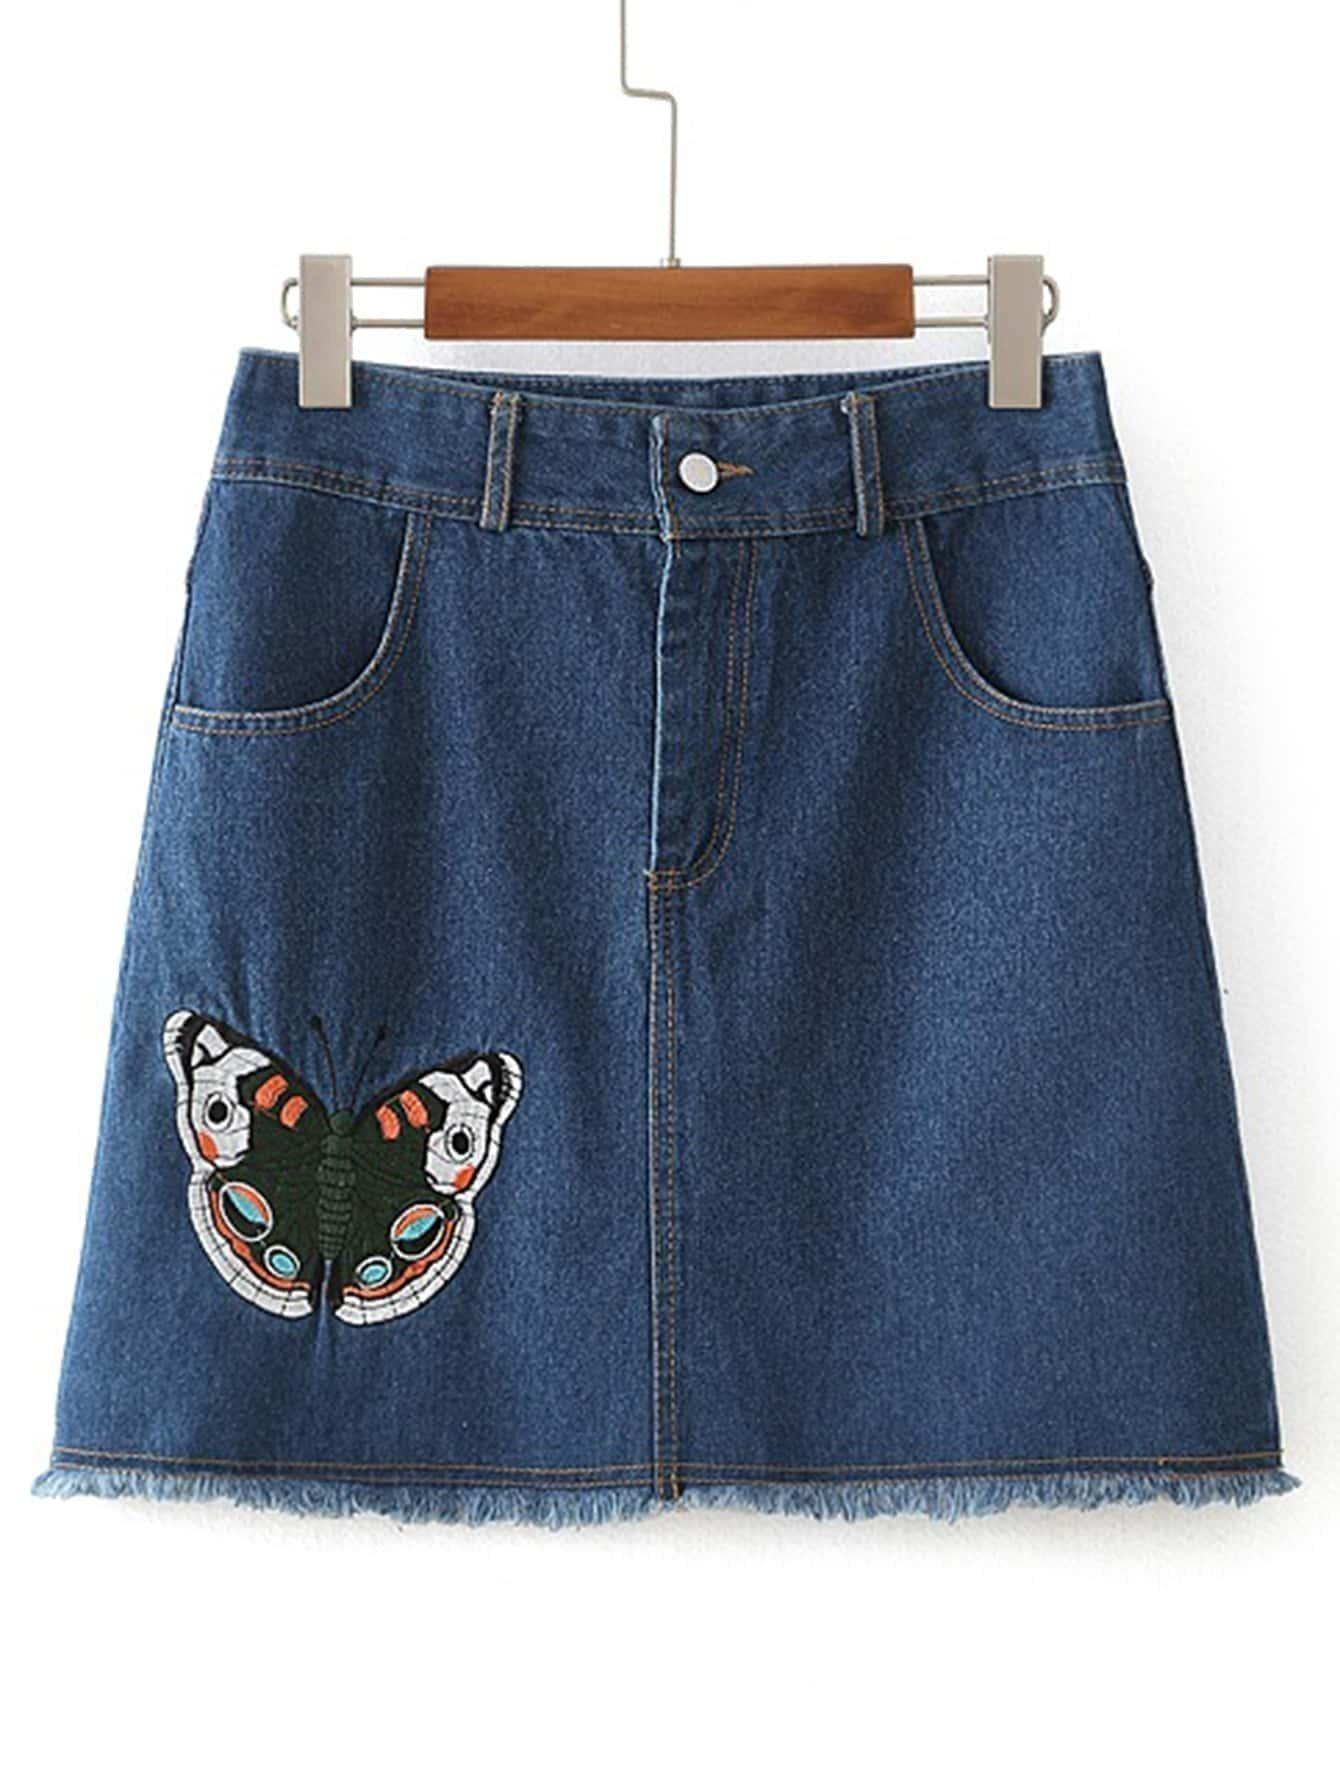 Вышивка на джинсовой юбке фото